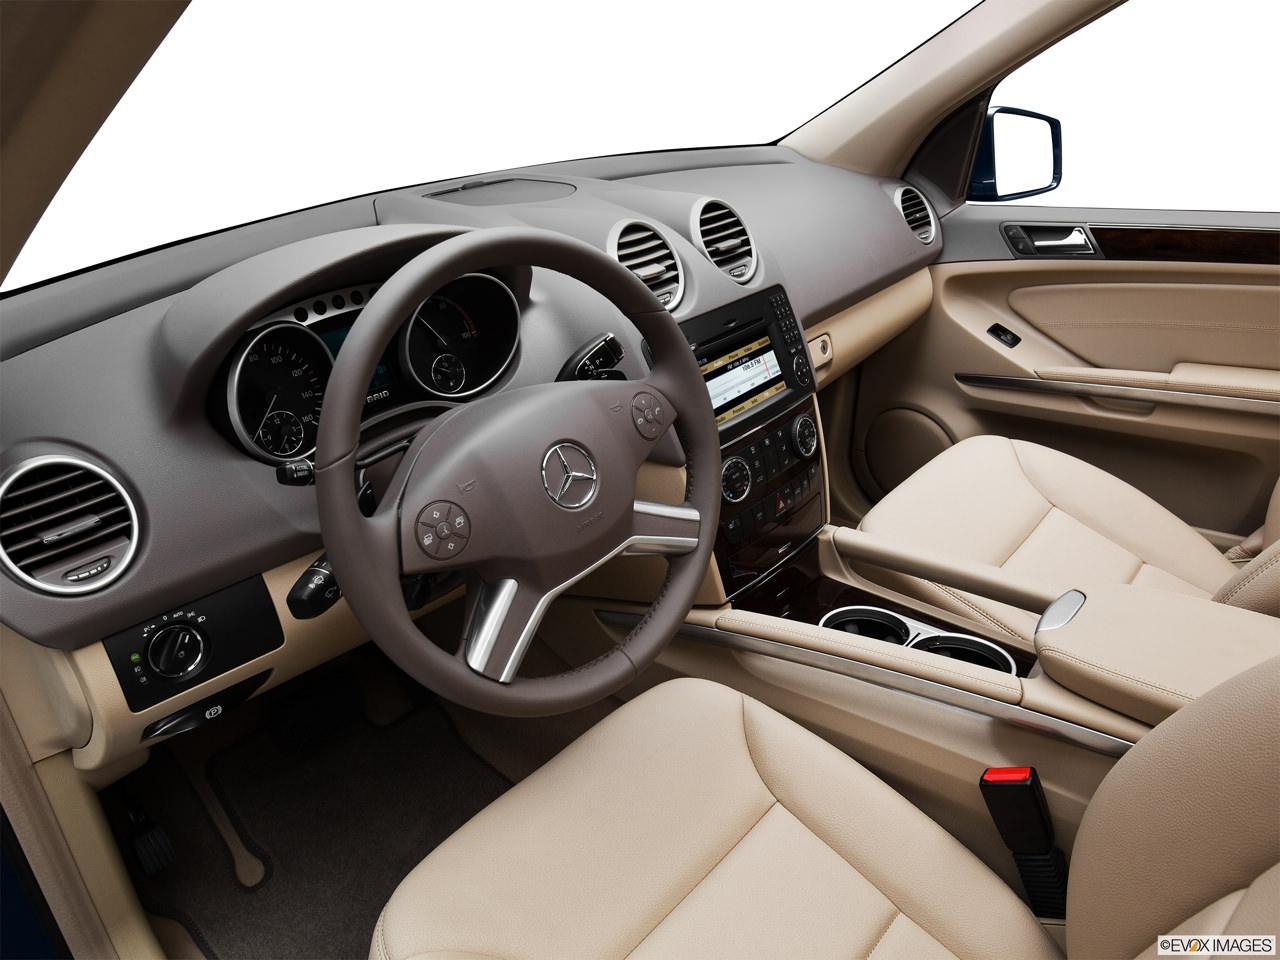 Mercedes Benz ML450 Hybrid 2012 Interior